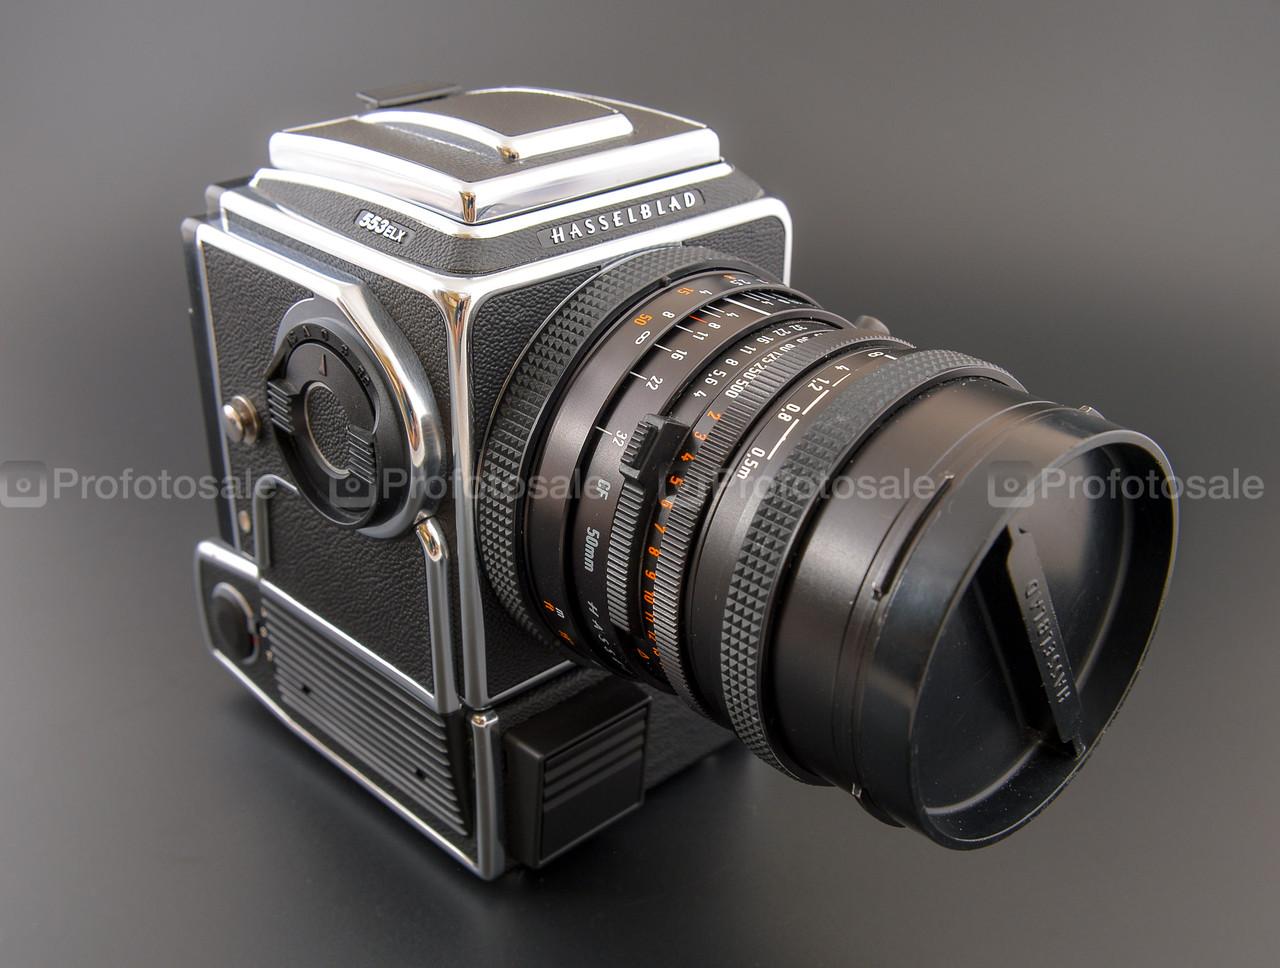 Hasselblad 553ELX + Zeiss Distagon 4/50mm